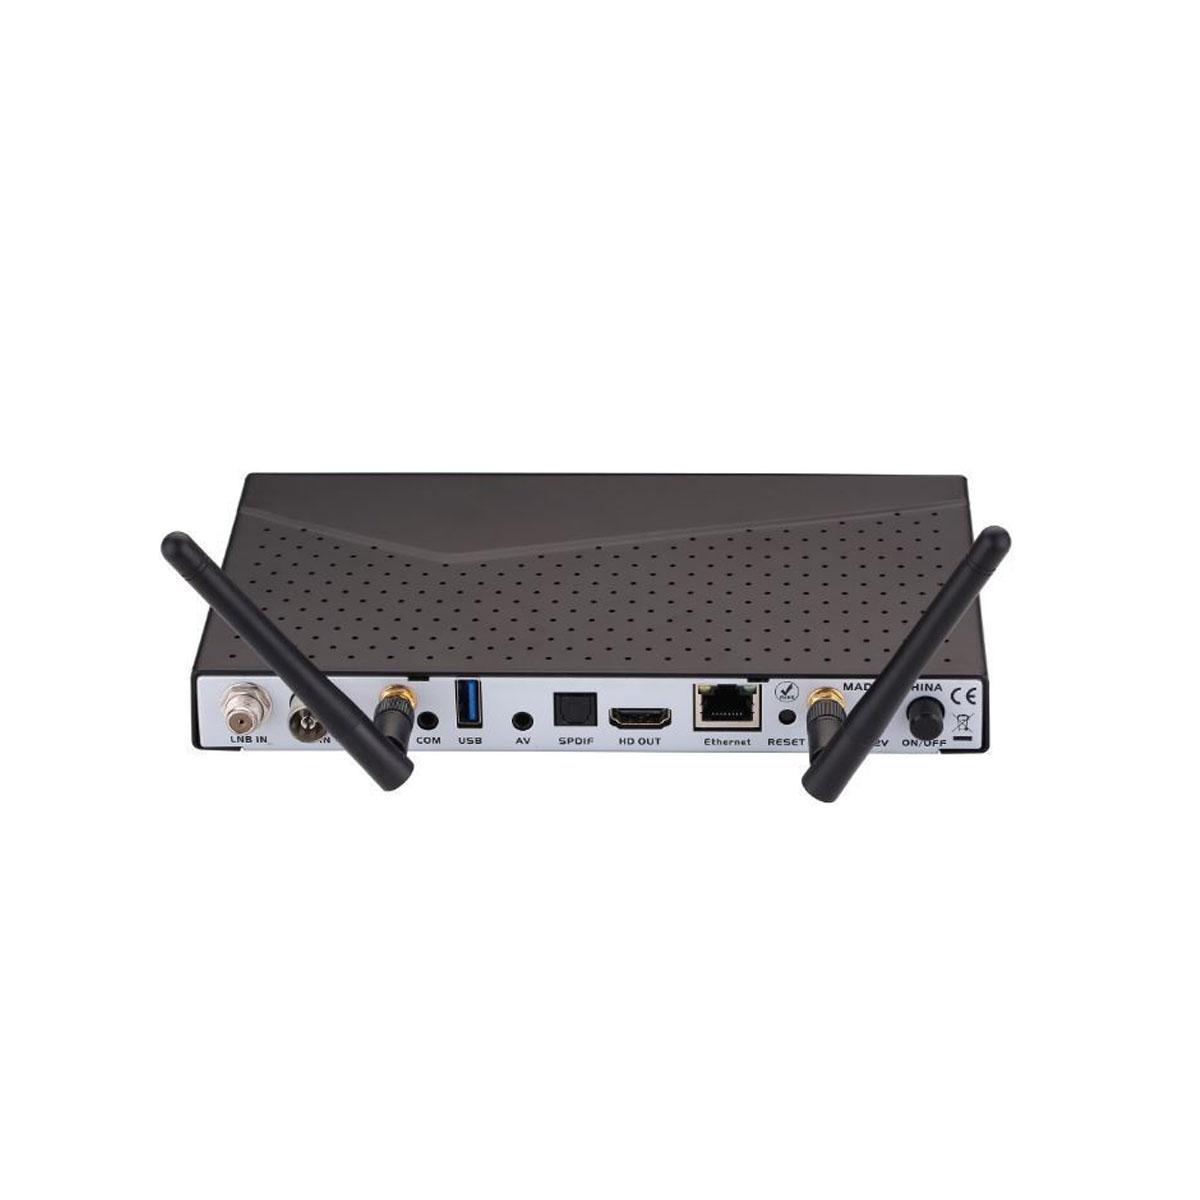 Axas HIS 4K Combo+ E2 Linux und Android Sat Receiver 1x DVB-S2  1x DVB-C/T2 HD UHD H.265 HEVC + PremiumX 1,5m HDMI-Kabel mit 24K vergoldeten Kontakten